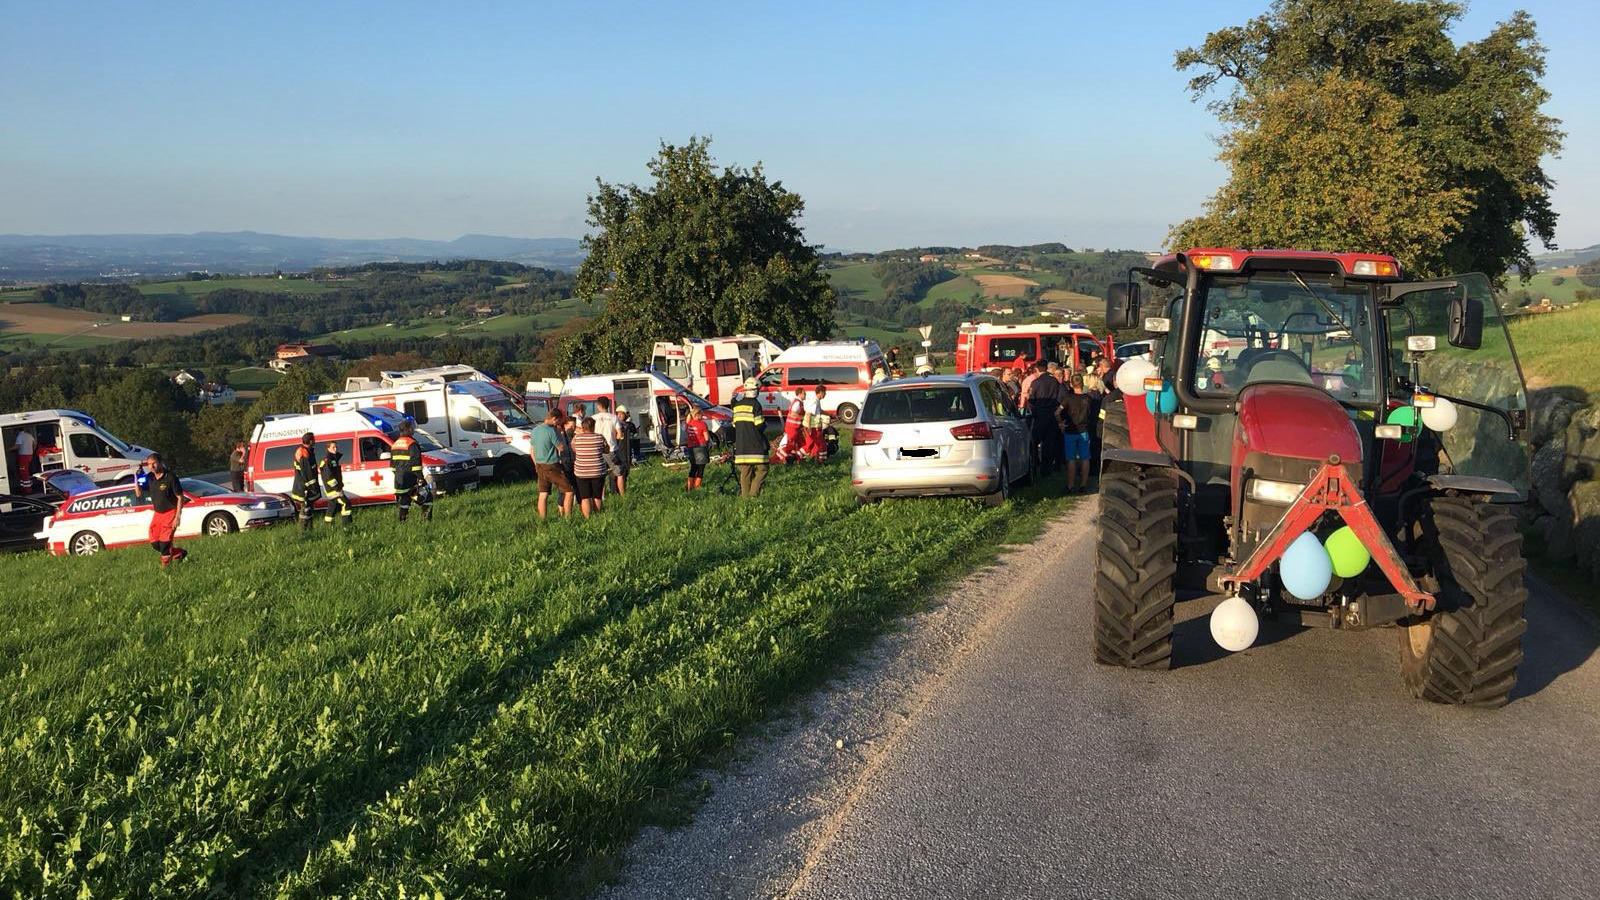 Traktor zu schnell?: Tragischer Unfall bei Junggesellinnenabschied in Österreich: Braut tot